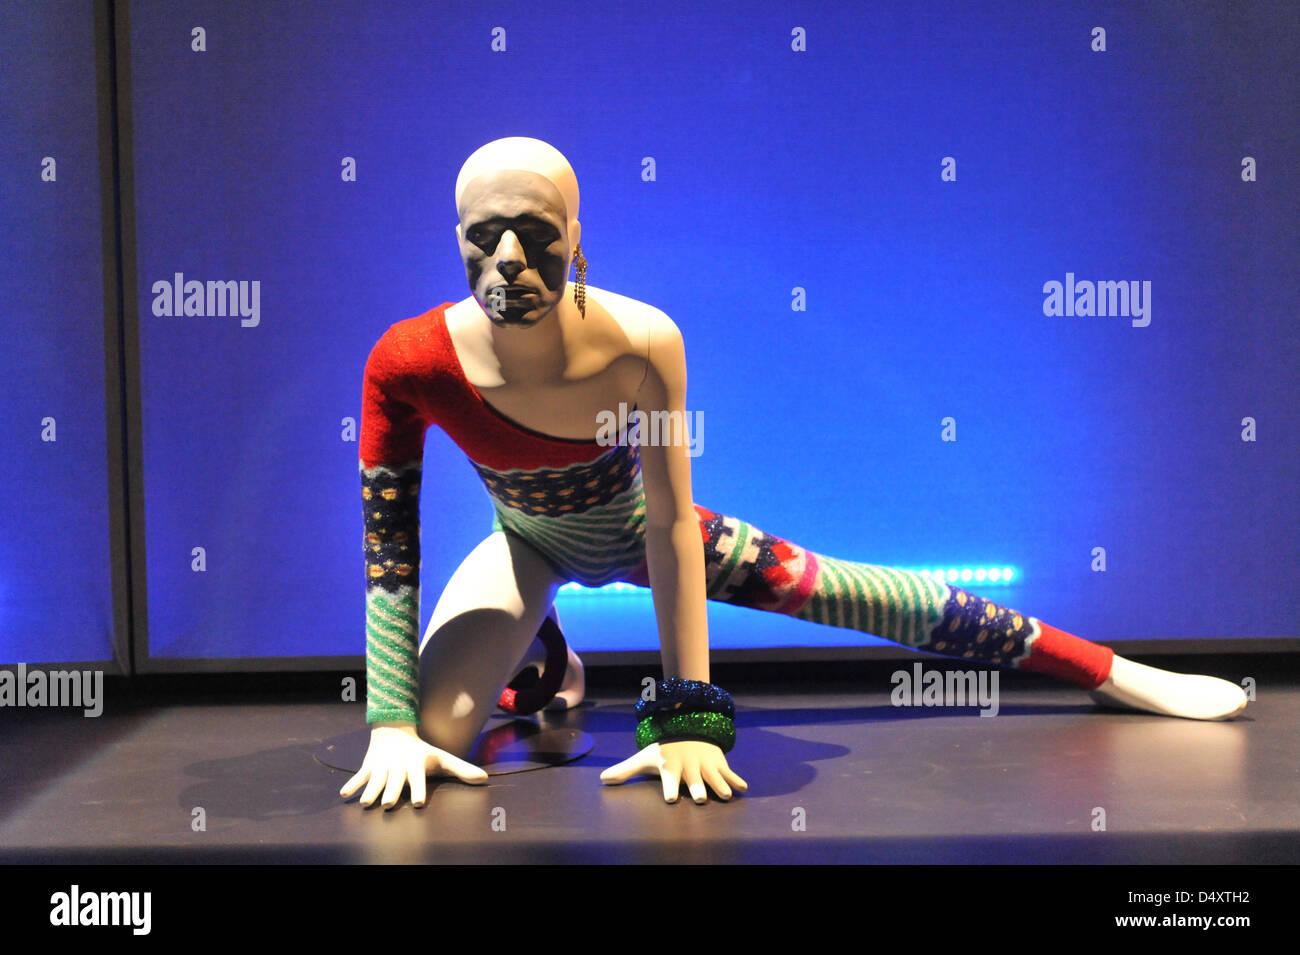 V&A, Londres, Royaume-Uni. Le 20 mars 2013. Costumes à l'exposition de David Bowie. Le 'David Bowie Photo Stock